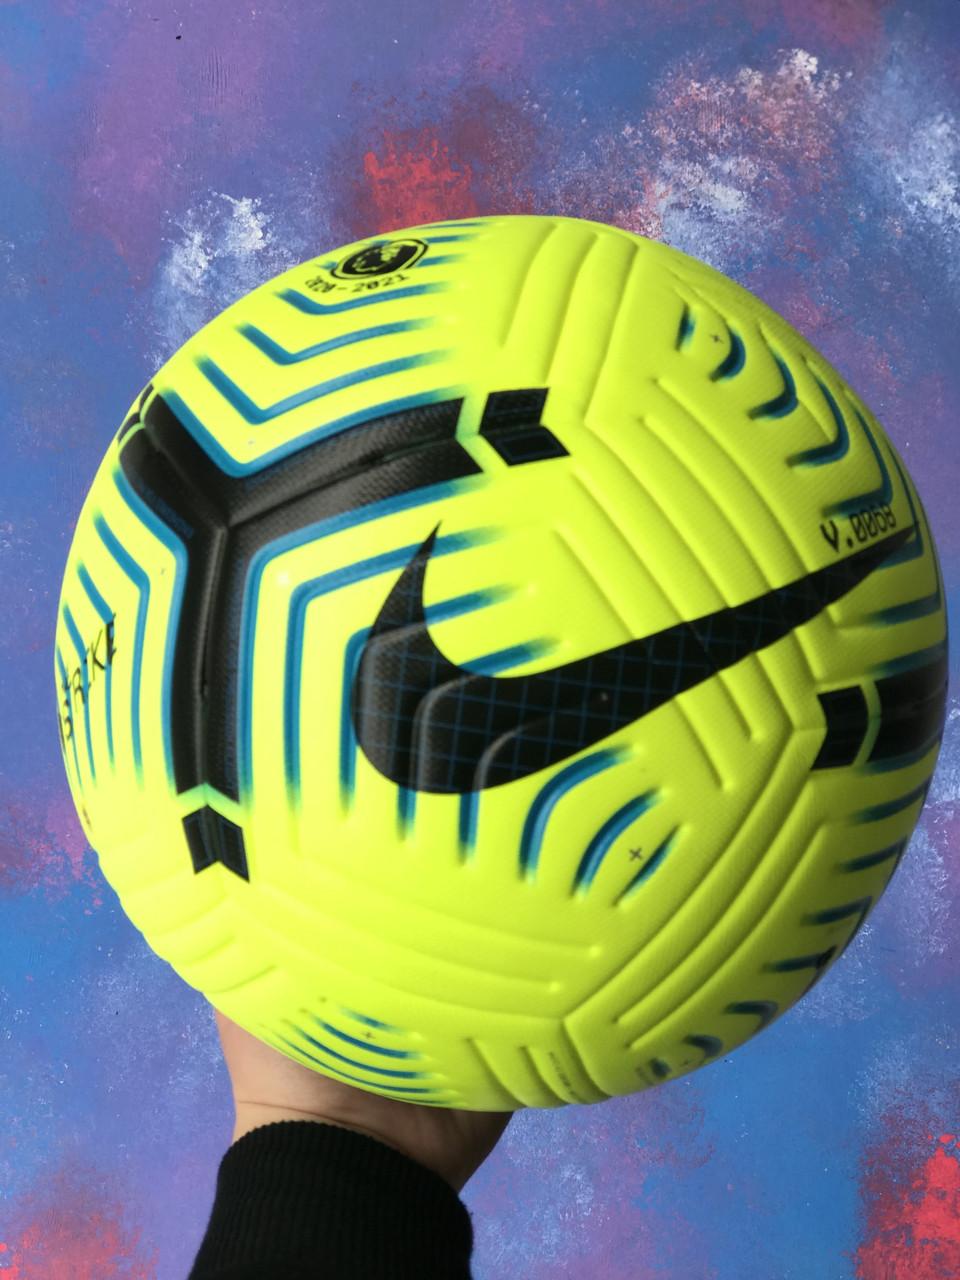 Футбольный мяч Nike Flight игровой спортивный мяч найк для детей